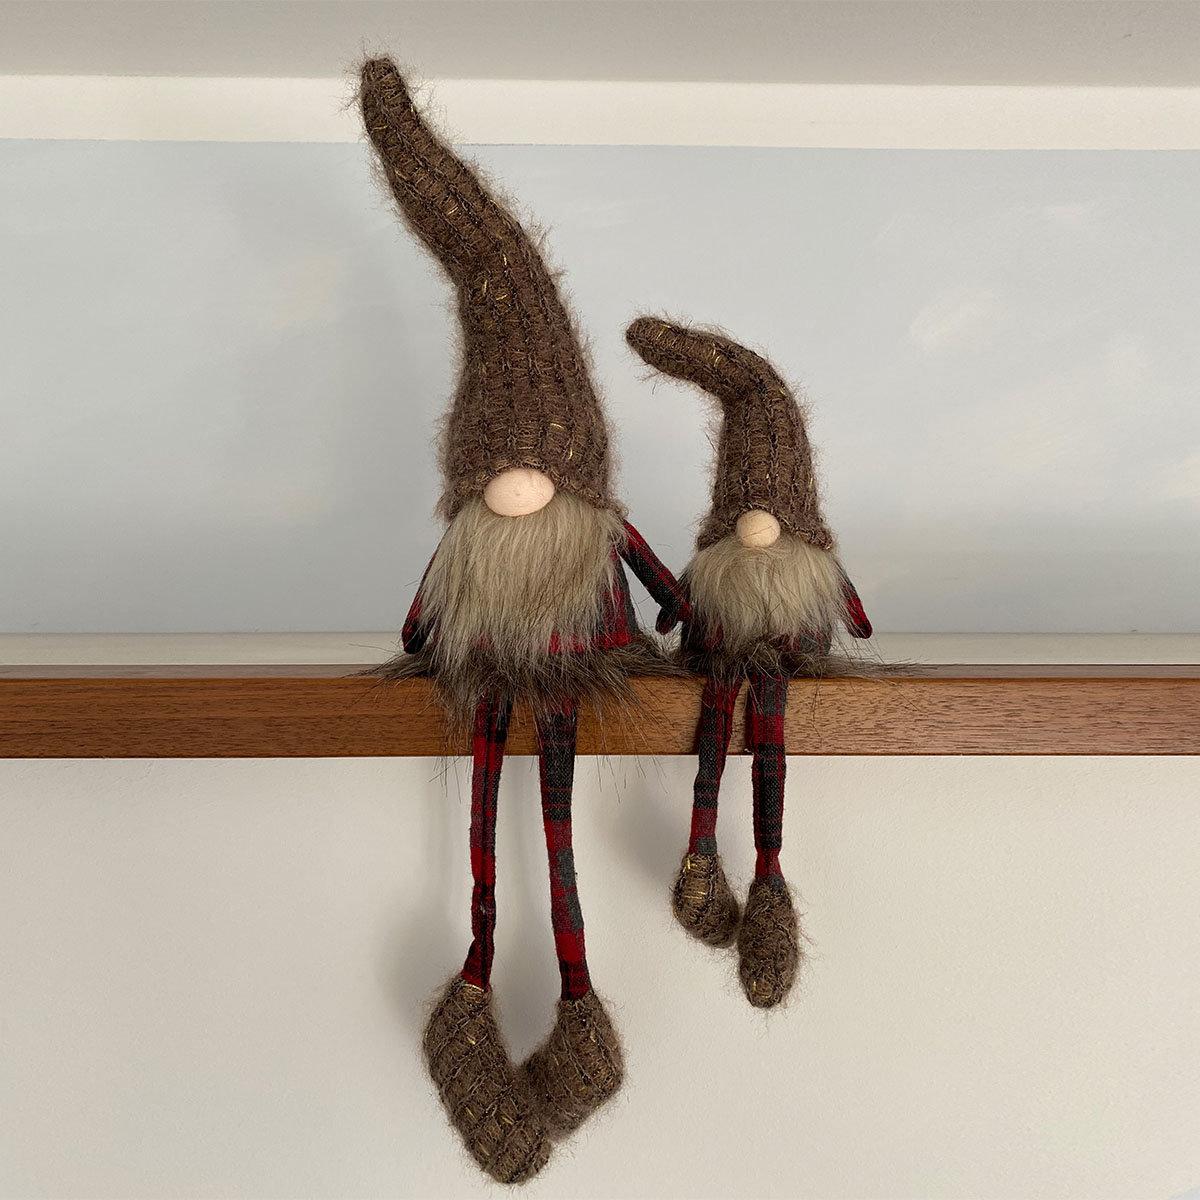 Adventswichtel Remi mit Baumelbeinen, 12x9x53 cm, groß, braun